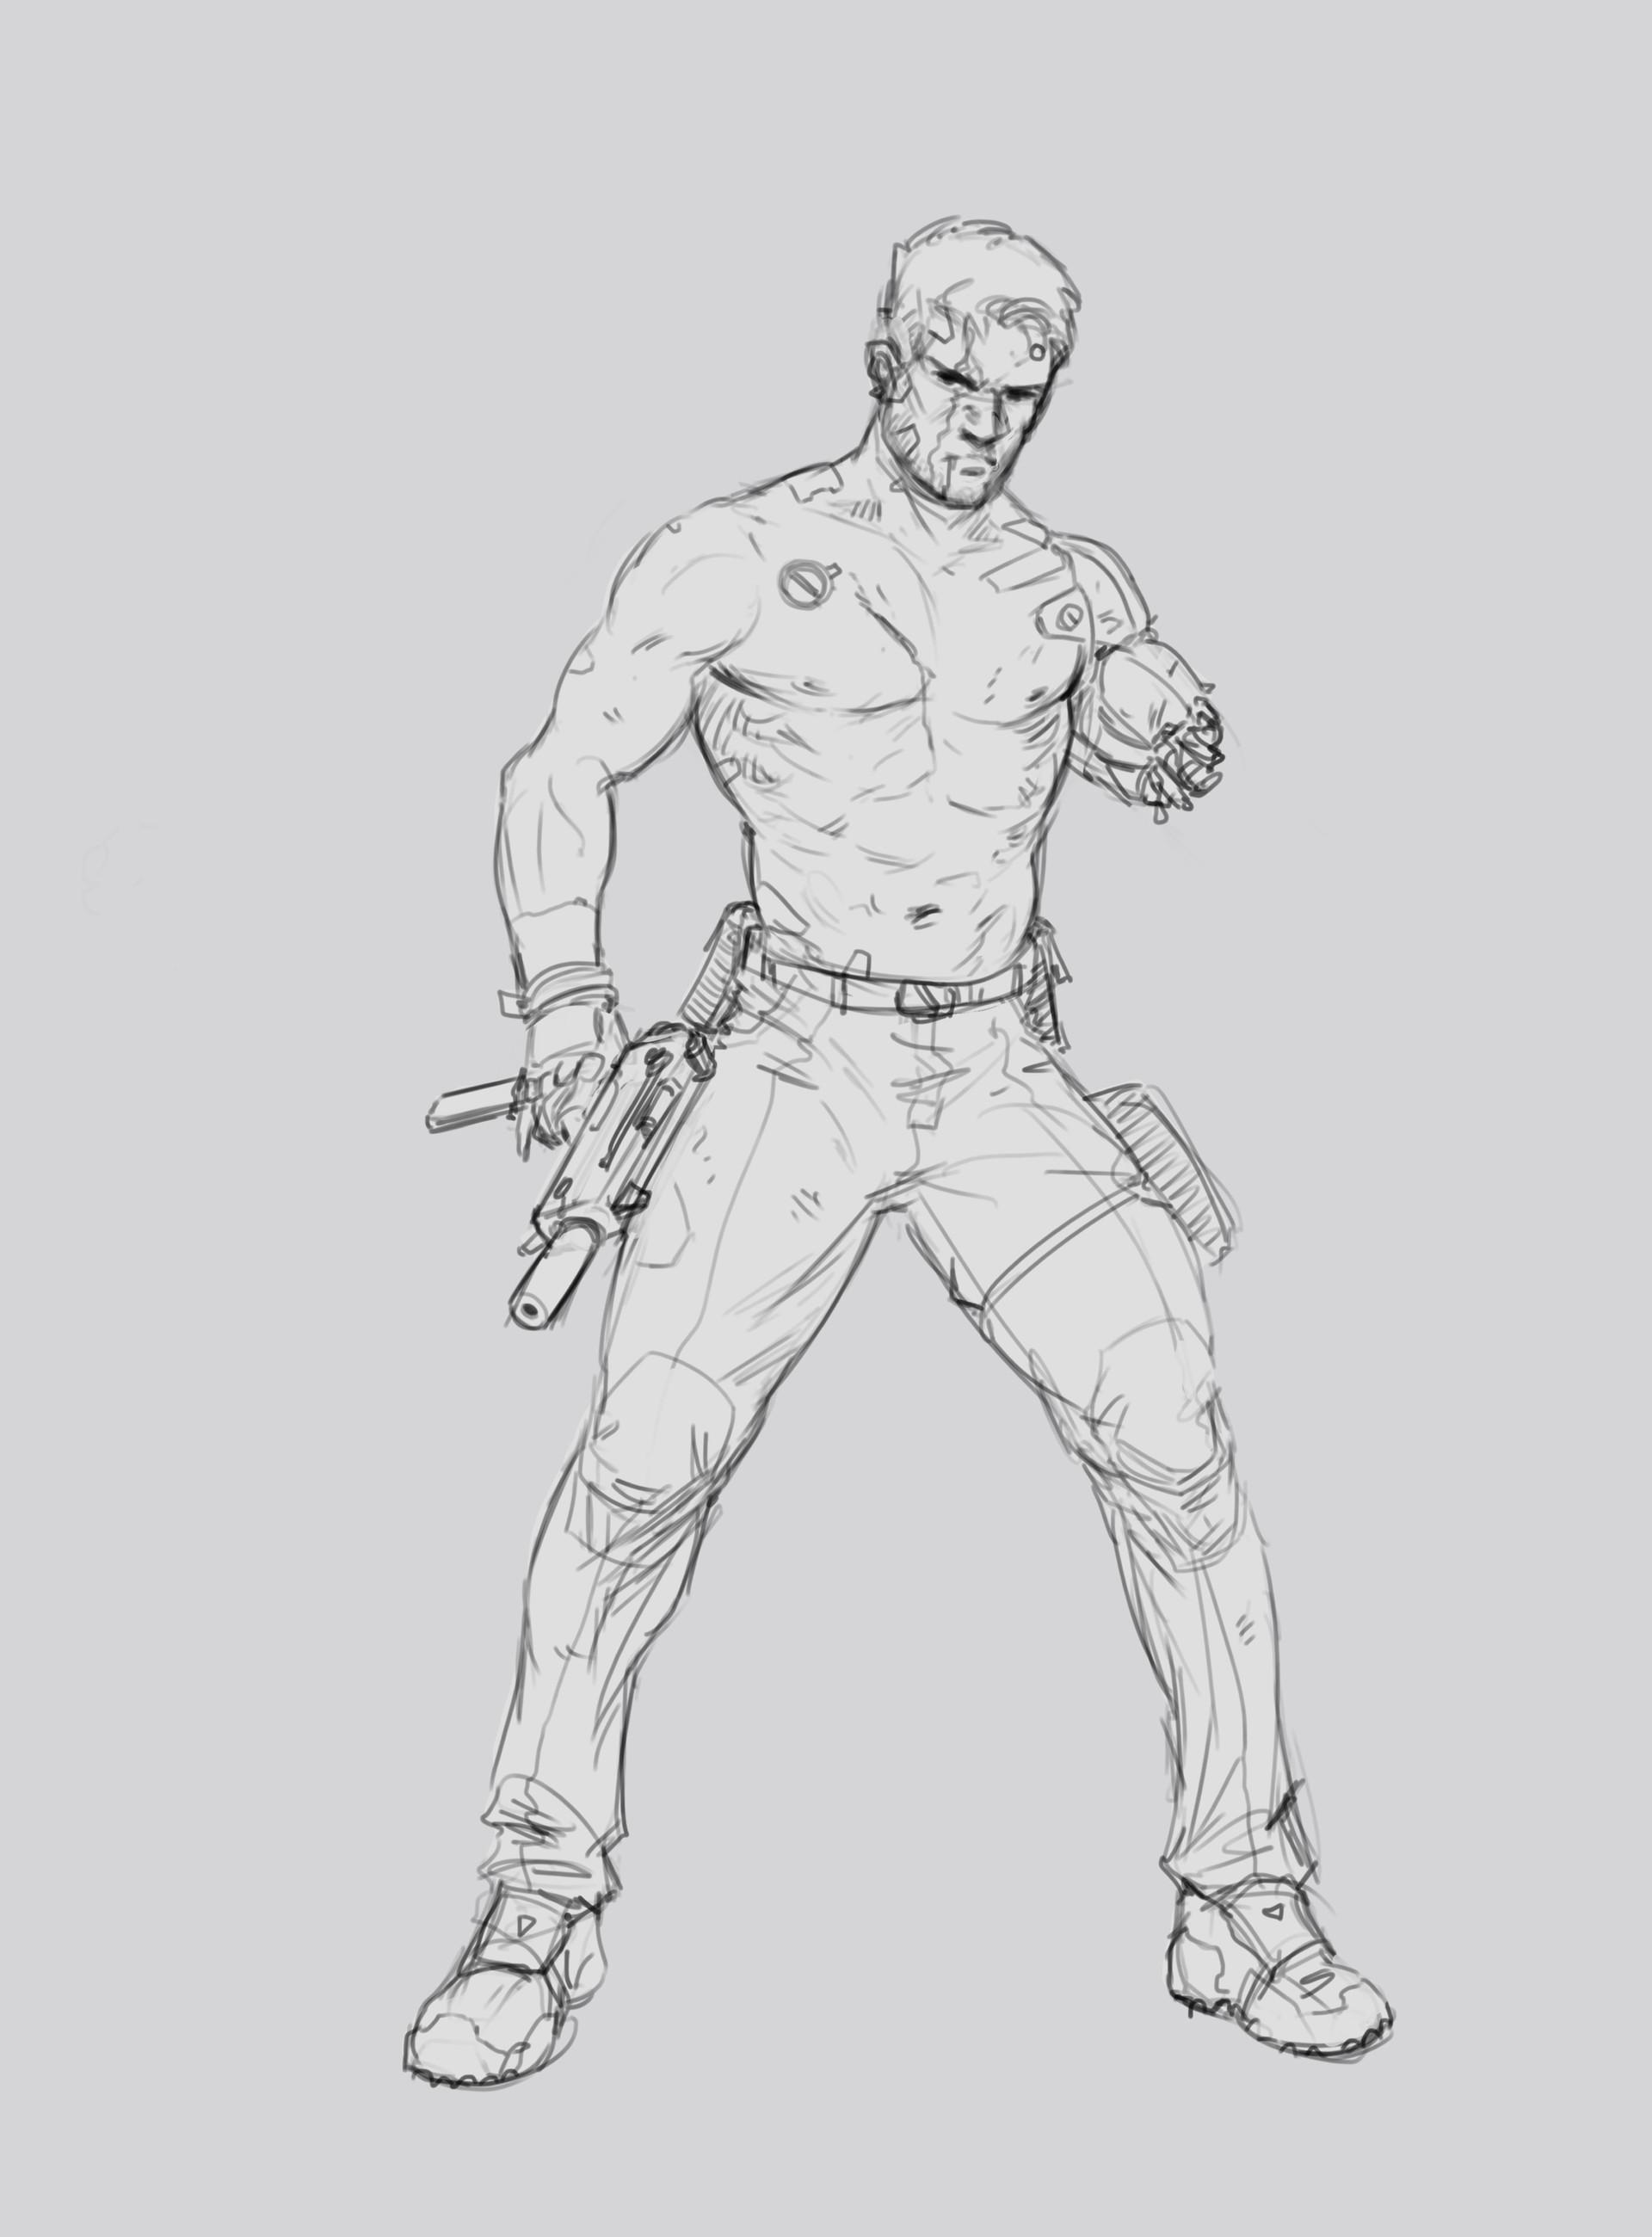 Salvador trakal sketch36b